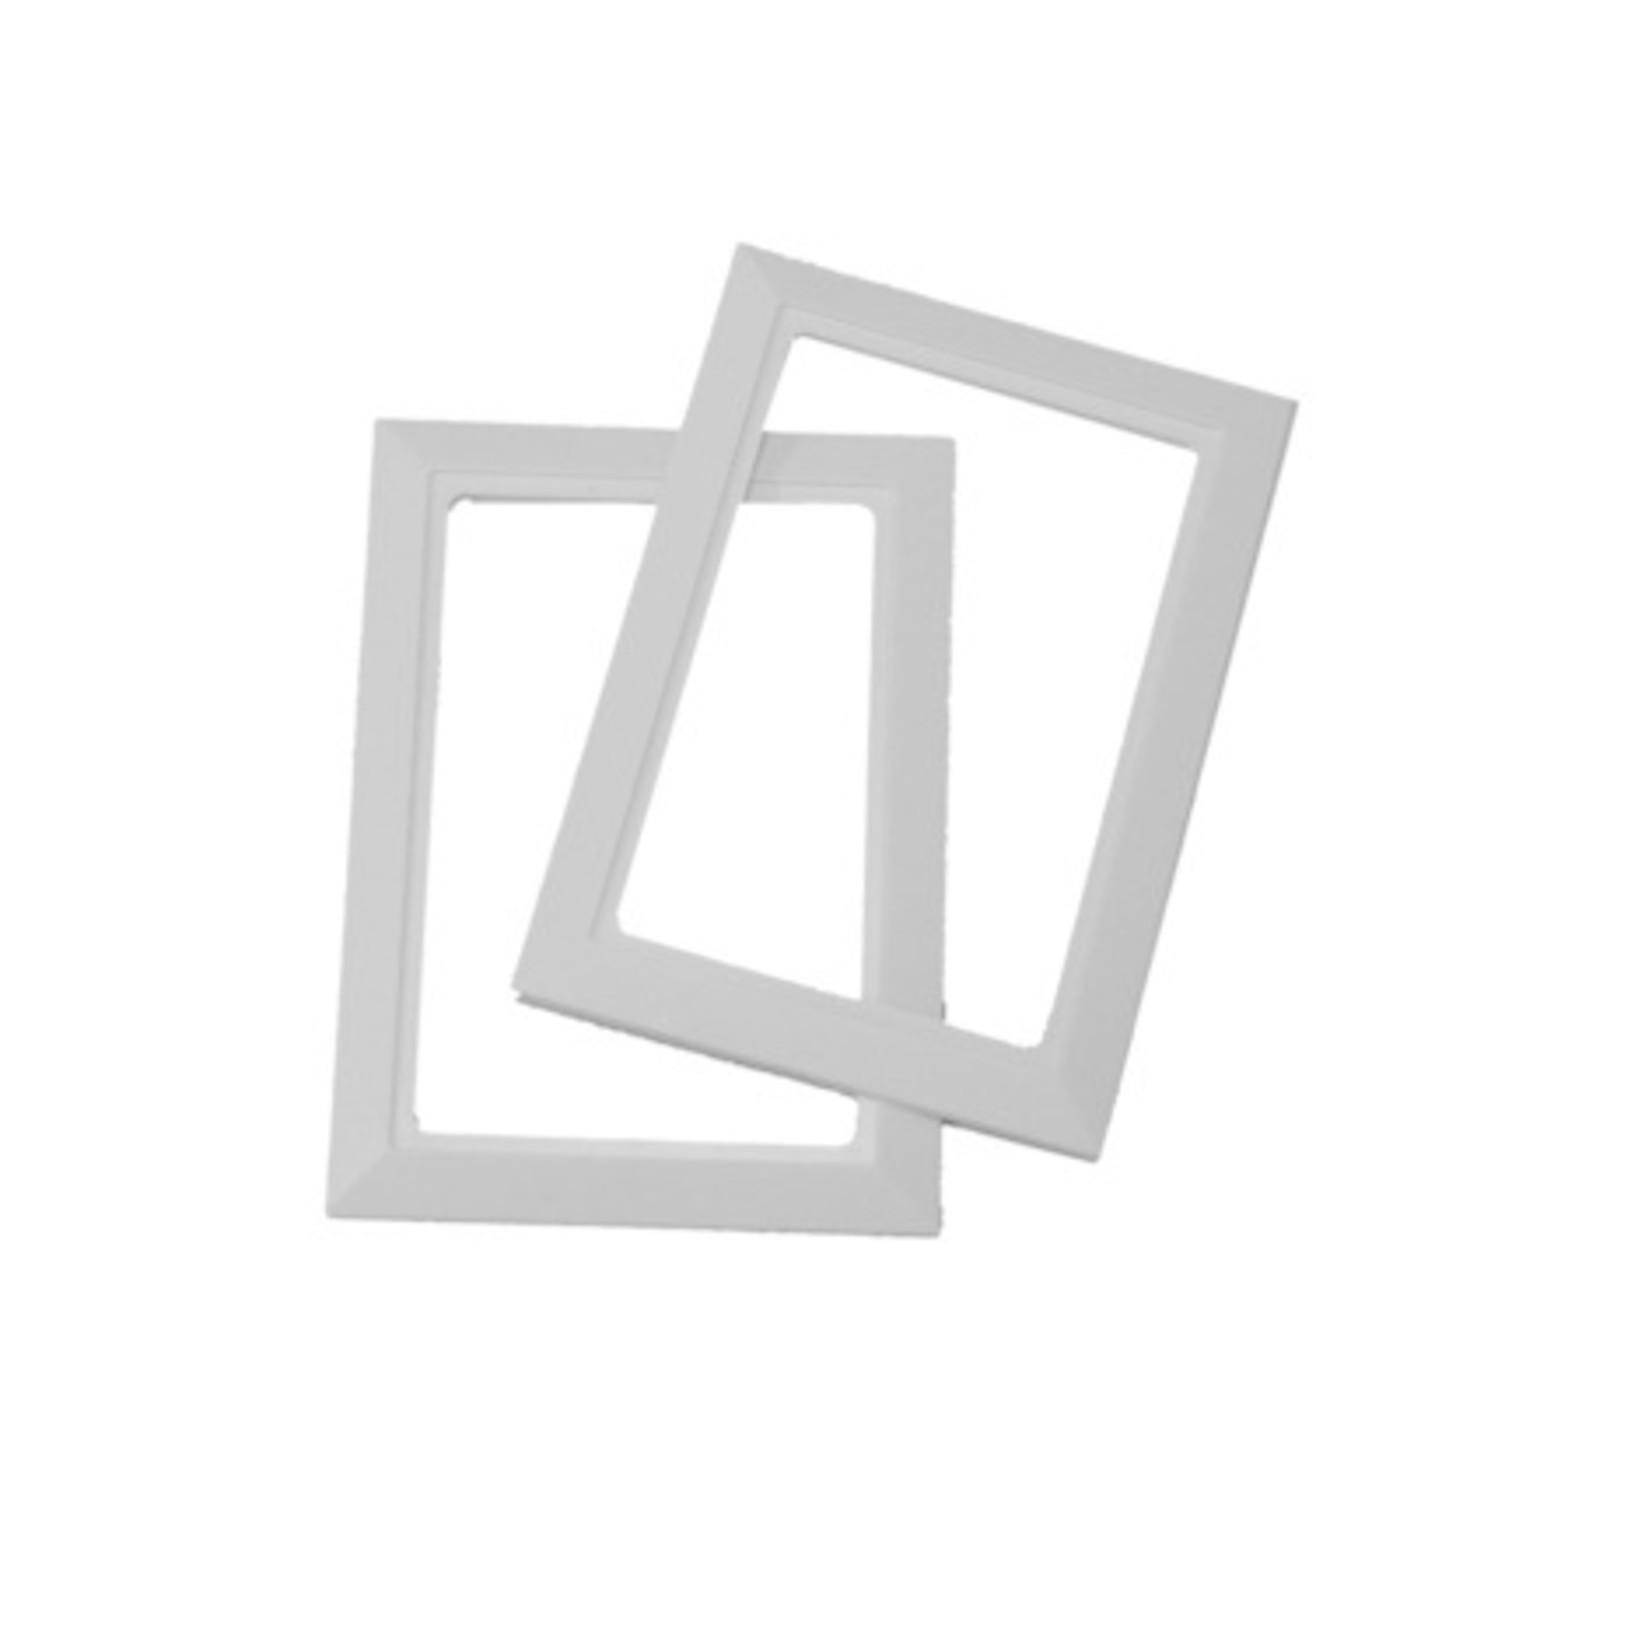 BEAM Central Vacuum Inlet Valve Trim Plate - White